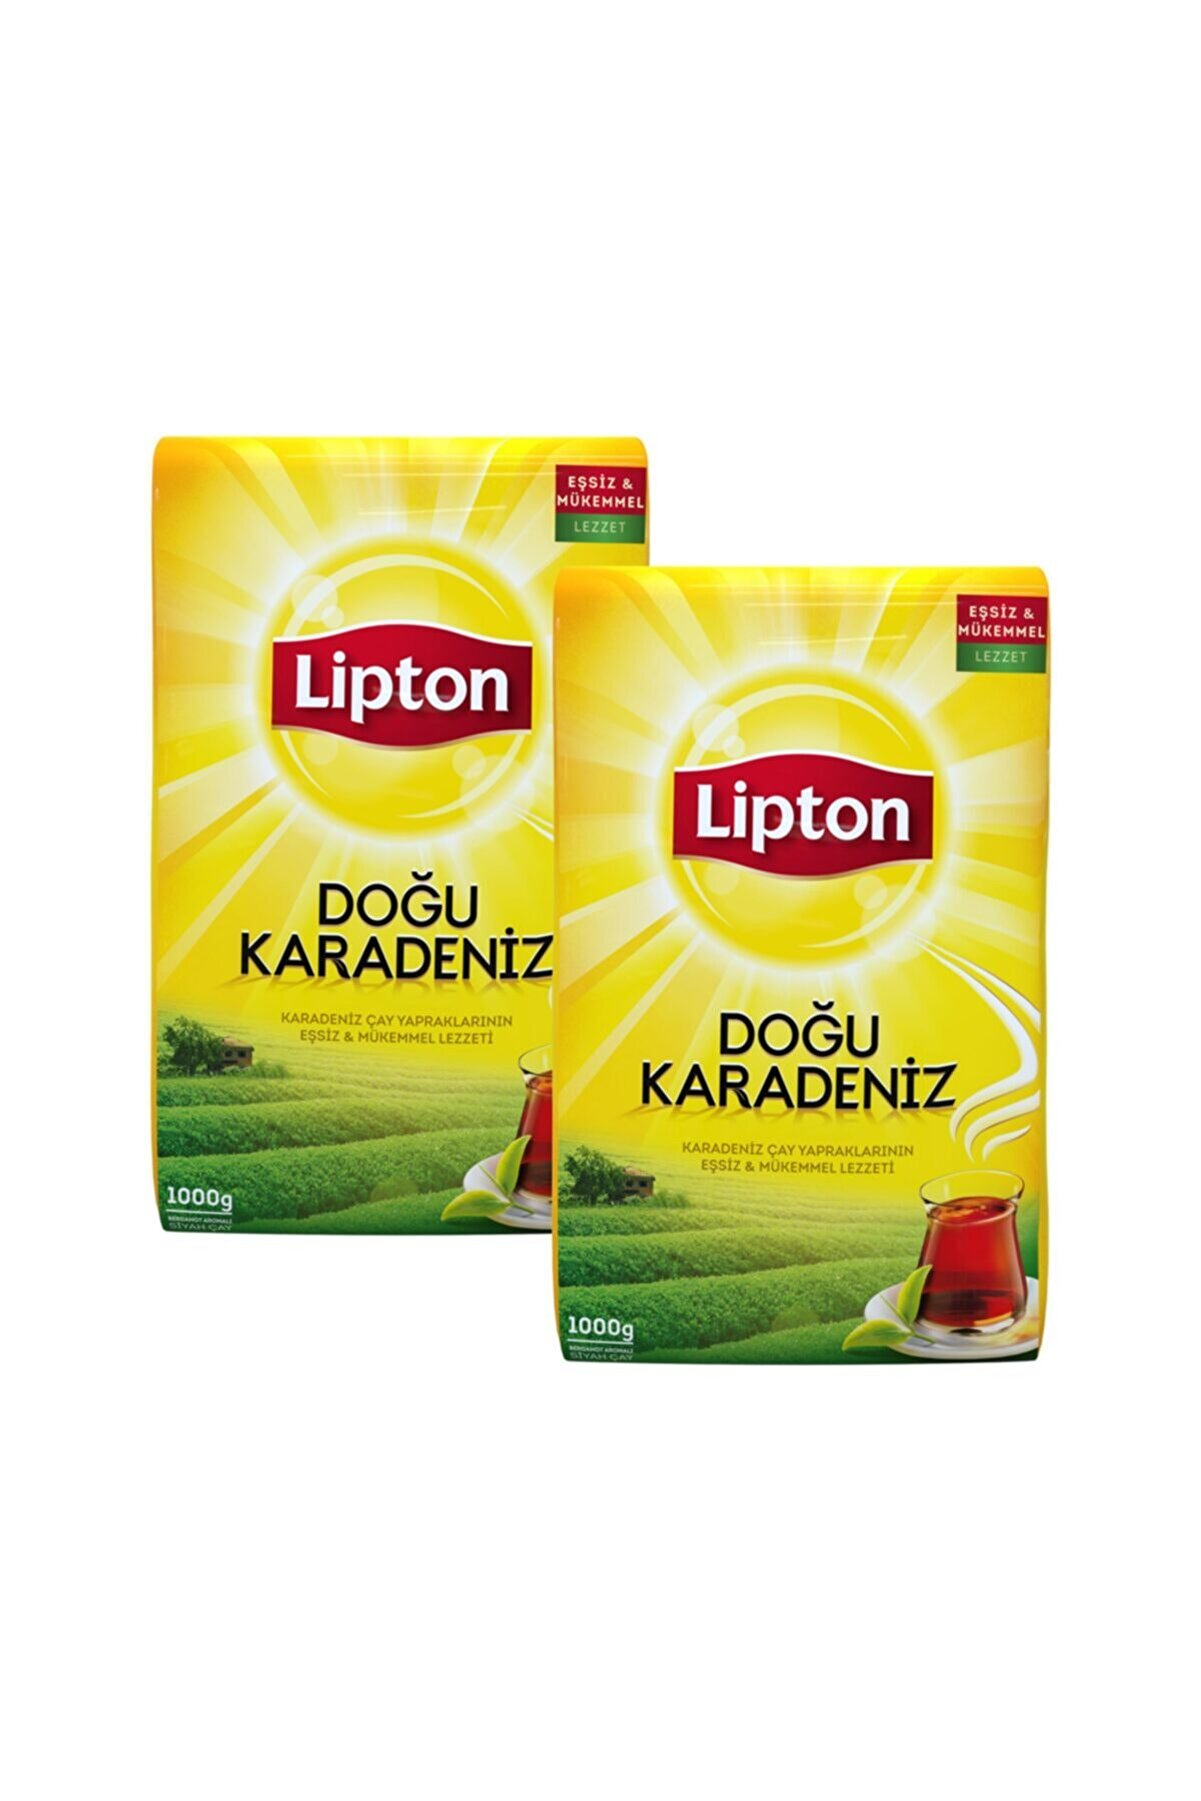 Lipton Doğu Karadeniz Dökme Çay 1000 gr X 2 Adet